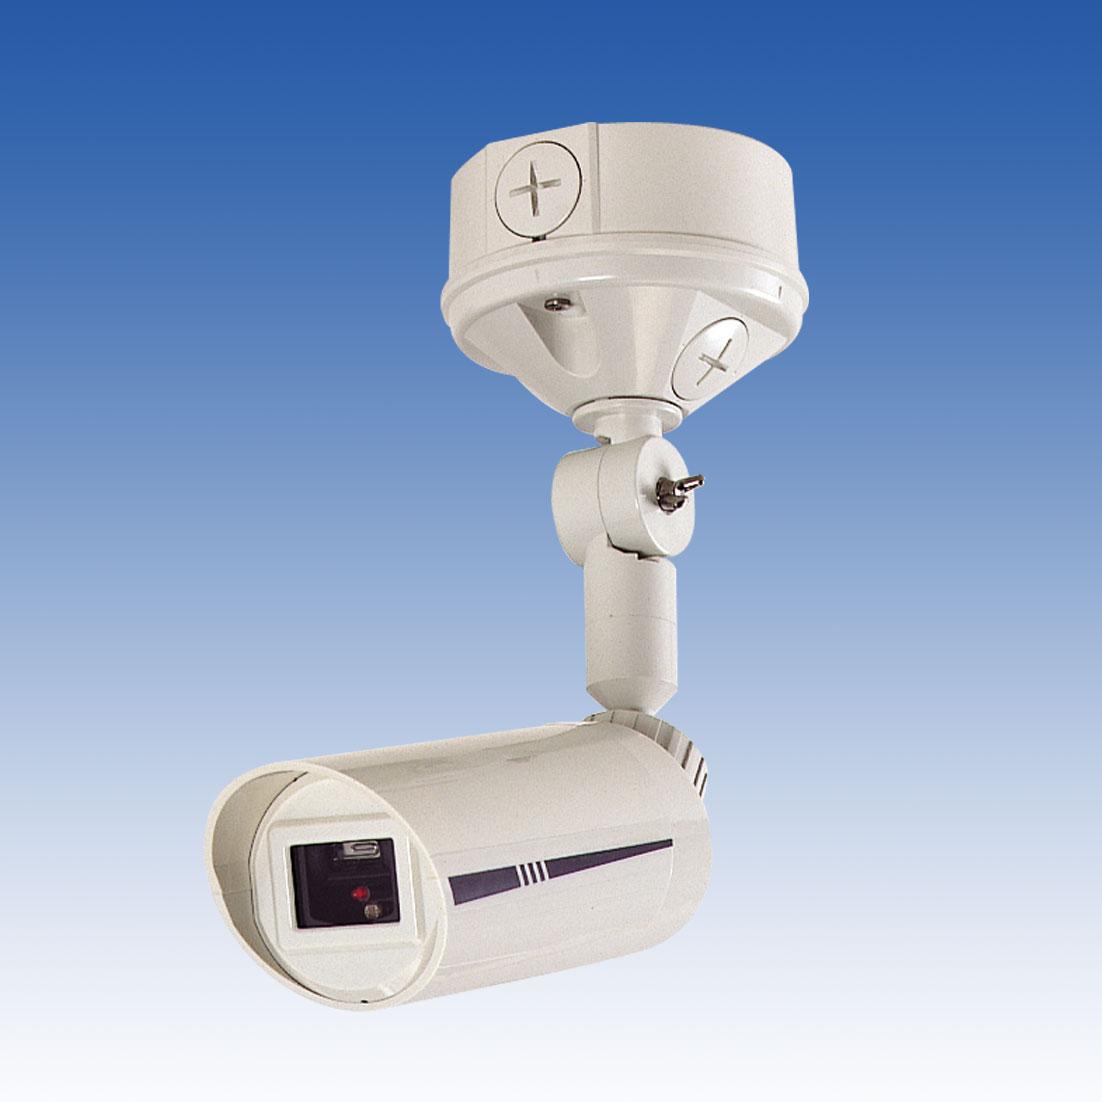 火焰传感器 fs-5000e 室外紫外线探测系统